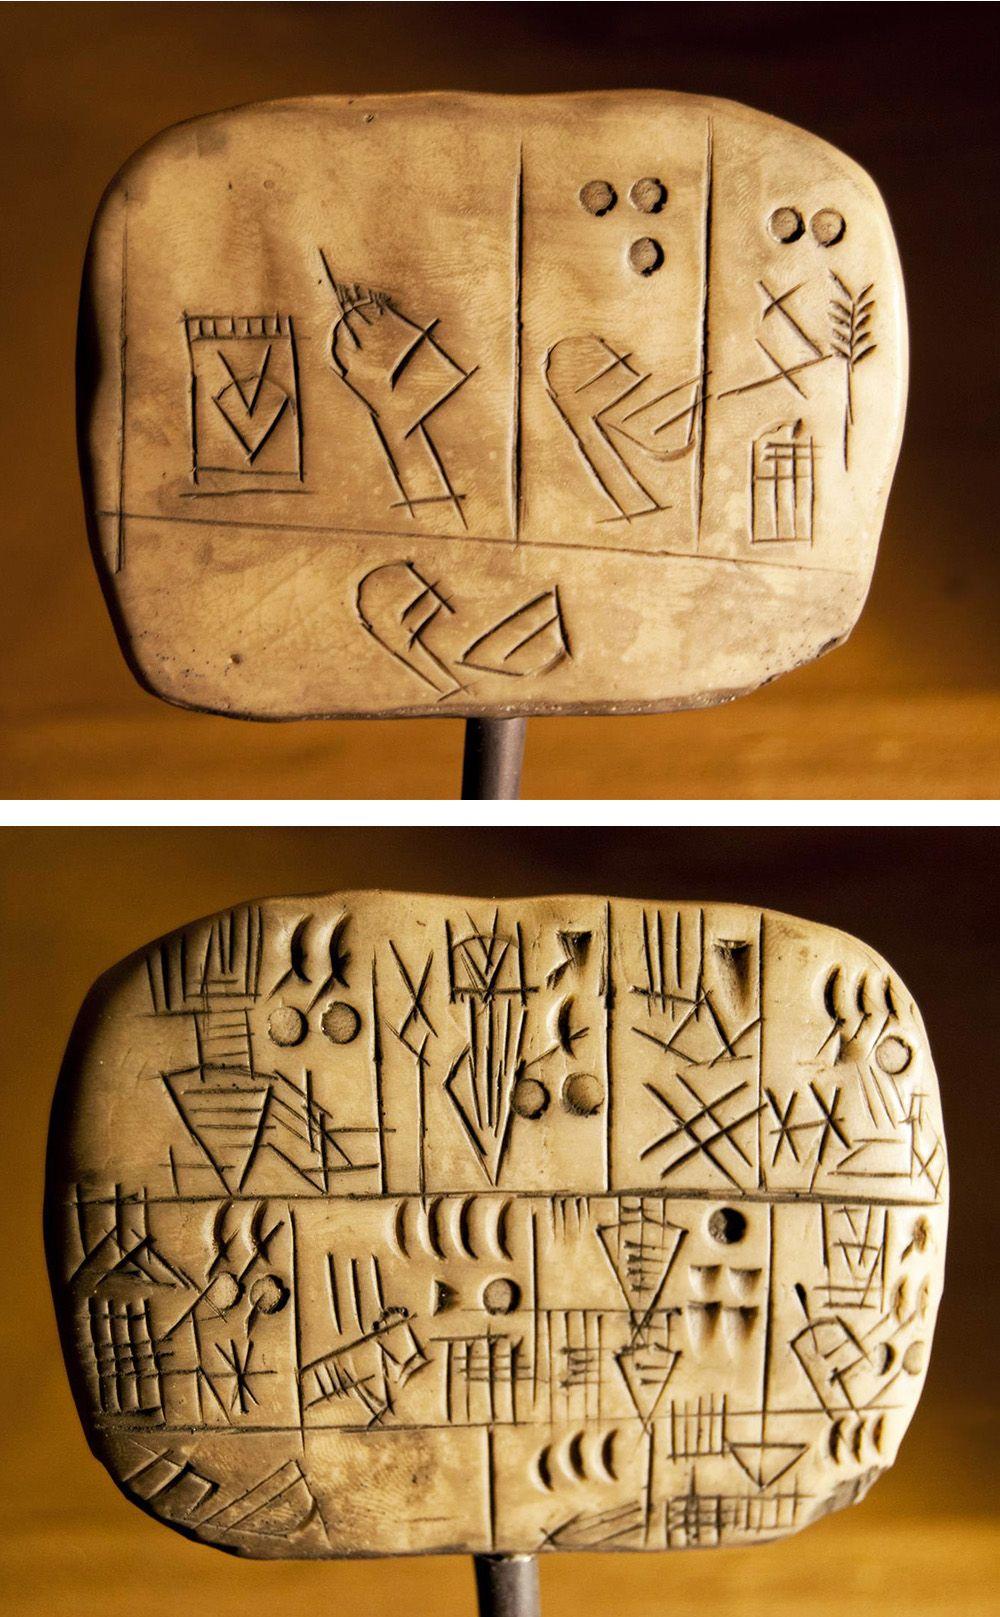 Sumeria Escritura Cuneiforme Replicas Sumerio Mesopotamia Escritura Cuneiforme